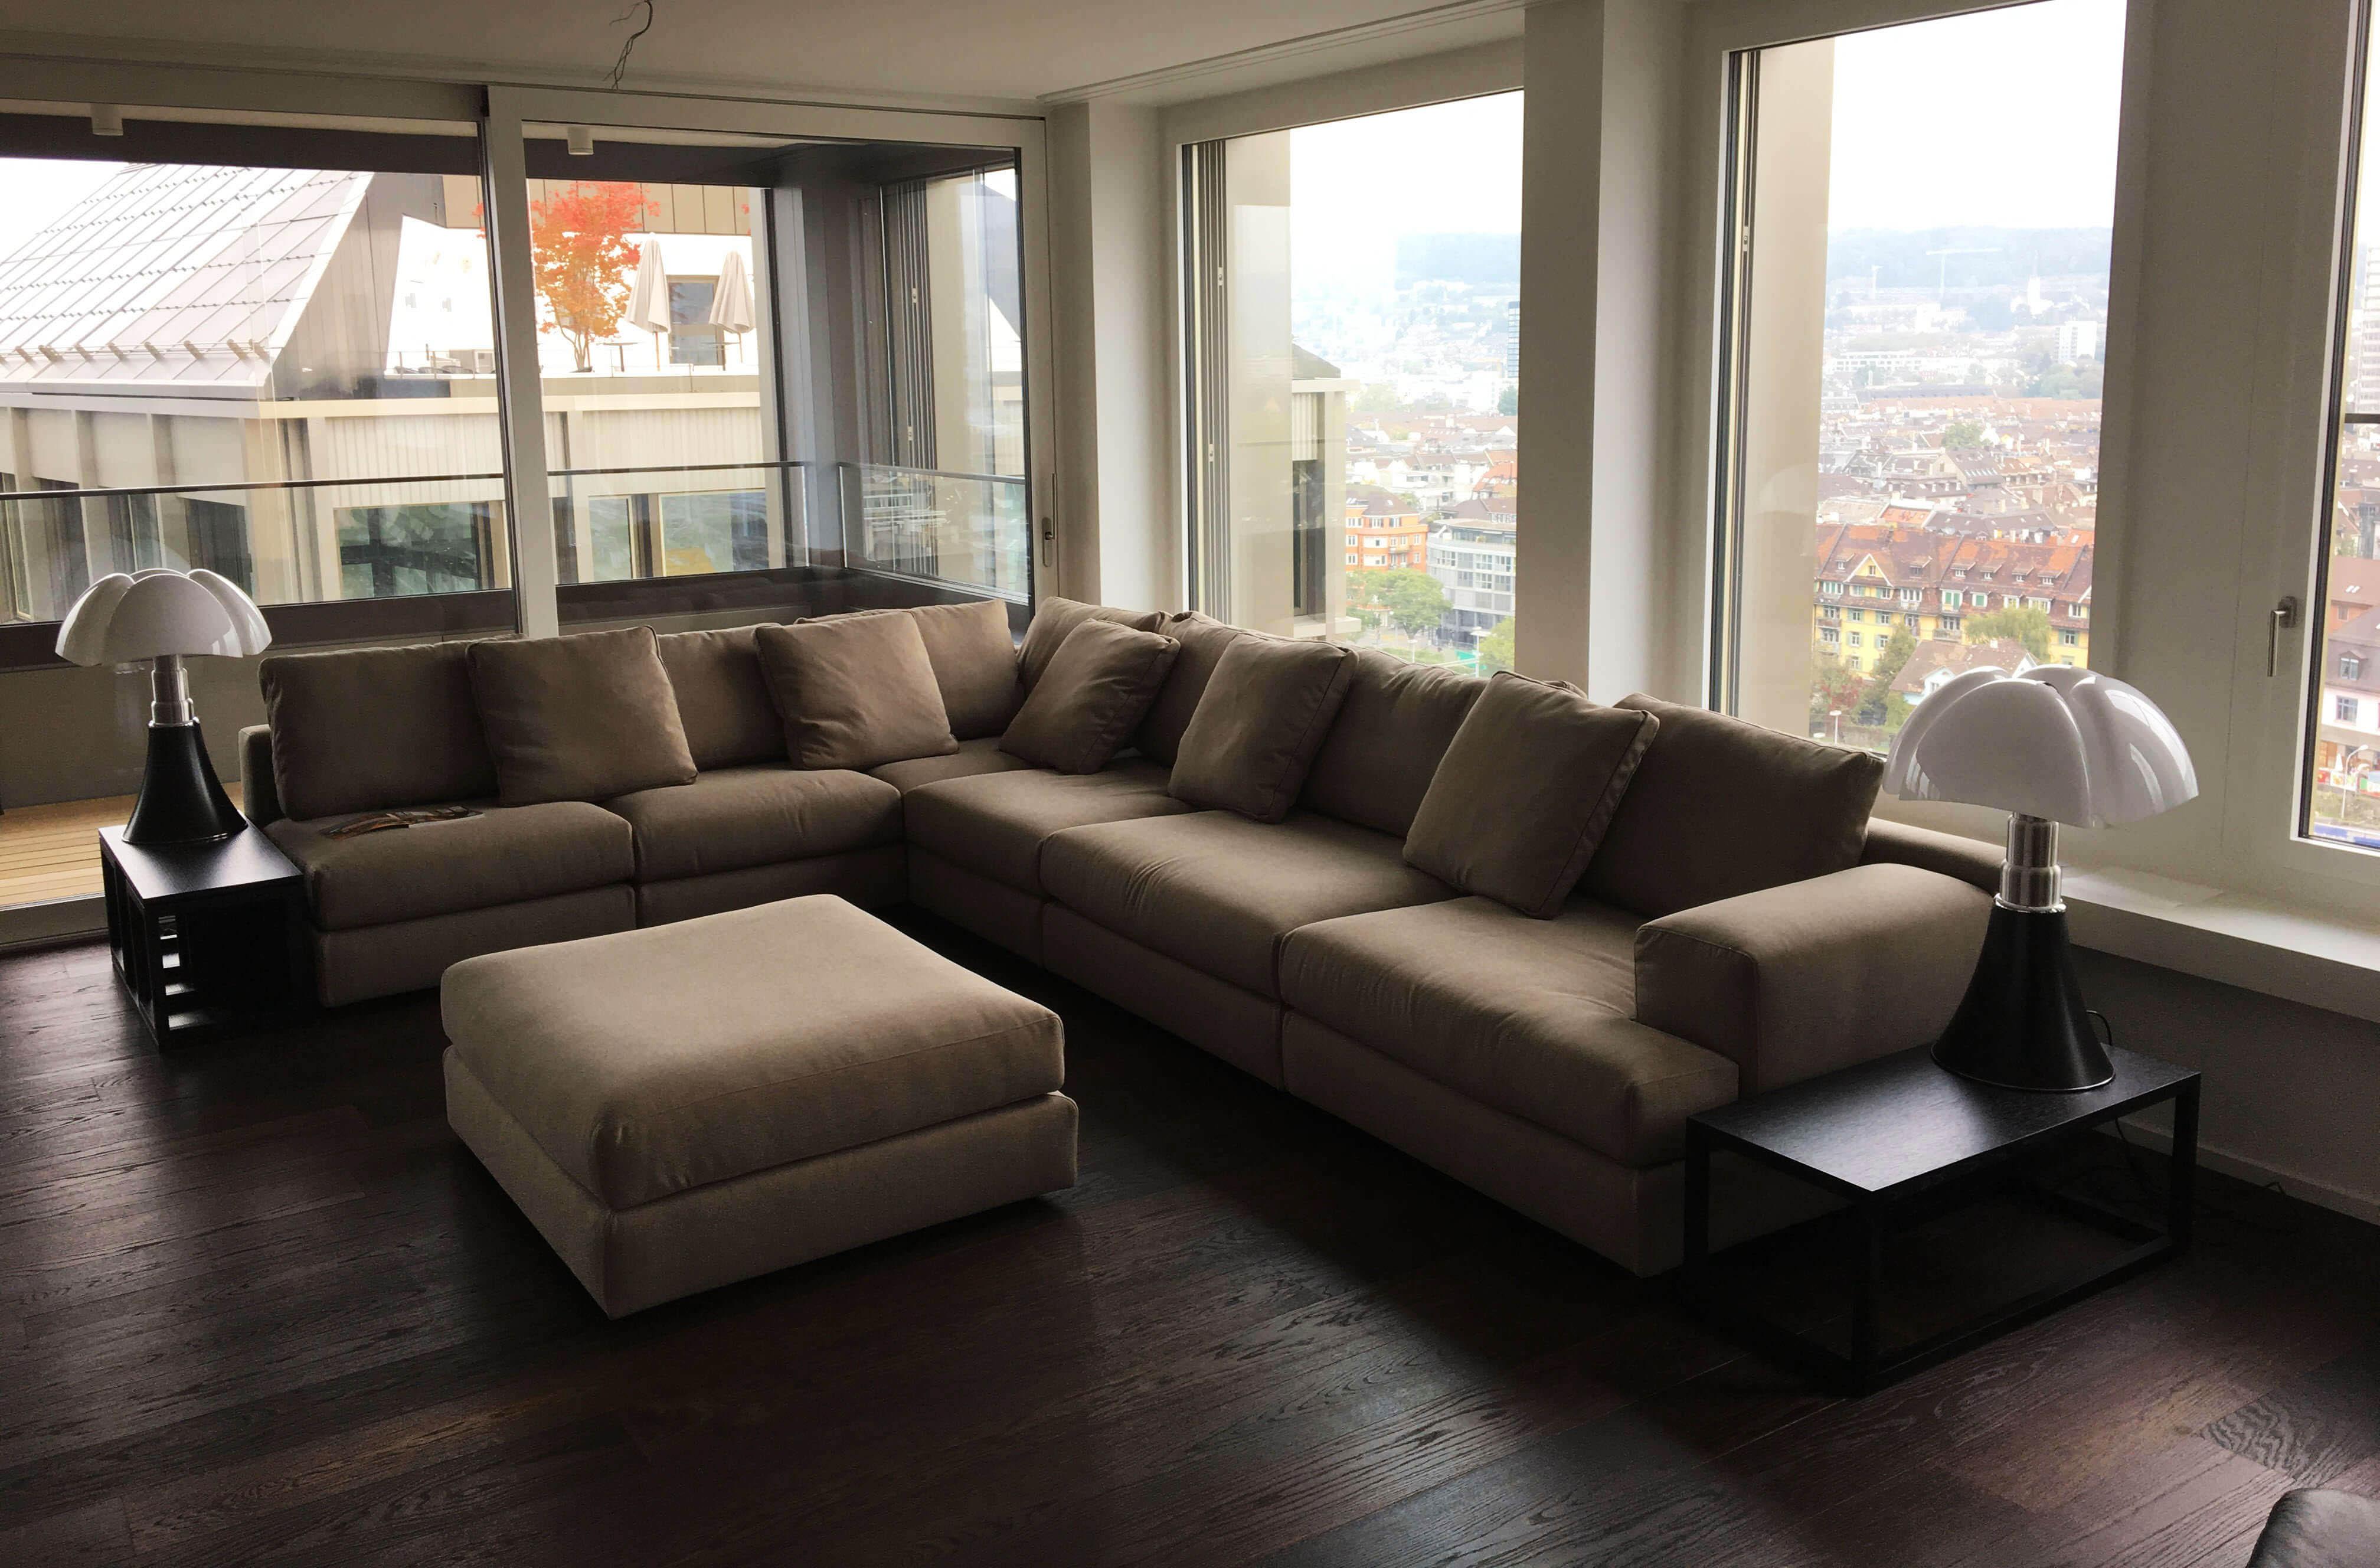 Wohnzimmer In Zürich Buchwalder Linder Designmöbel In Luzern Und Emmen